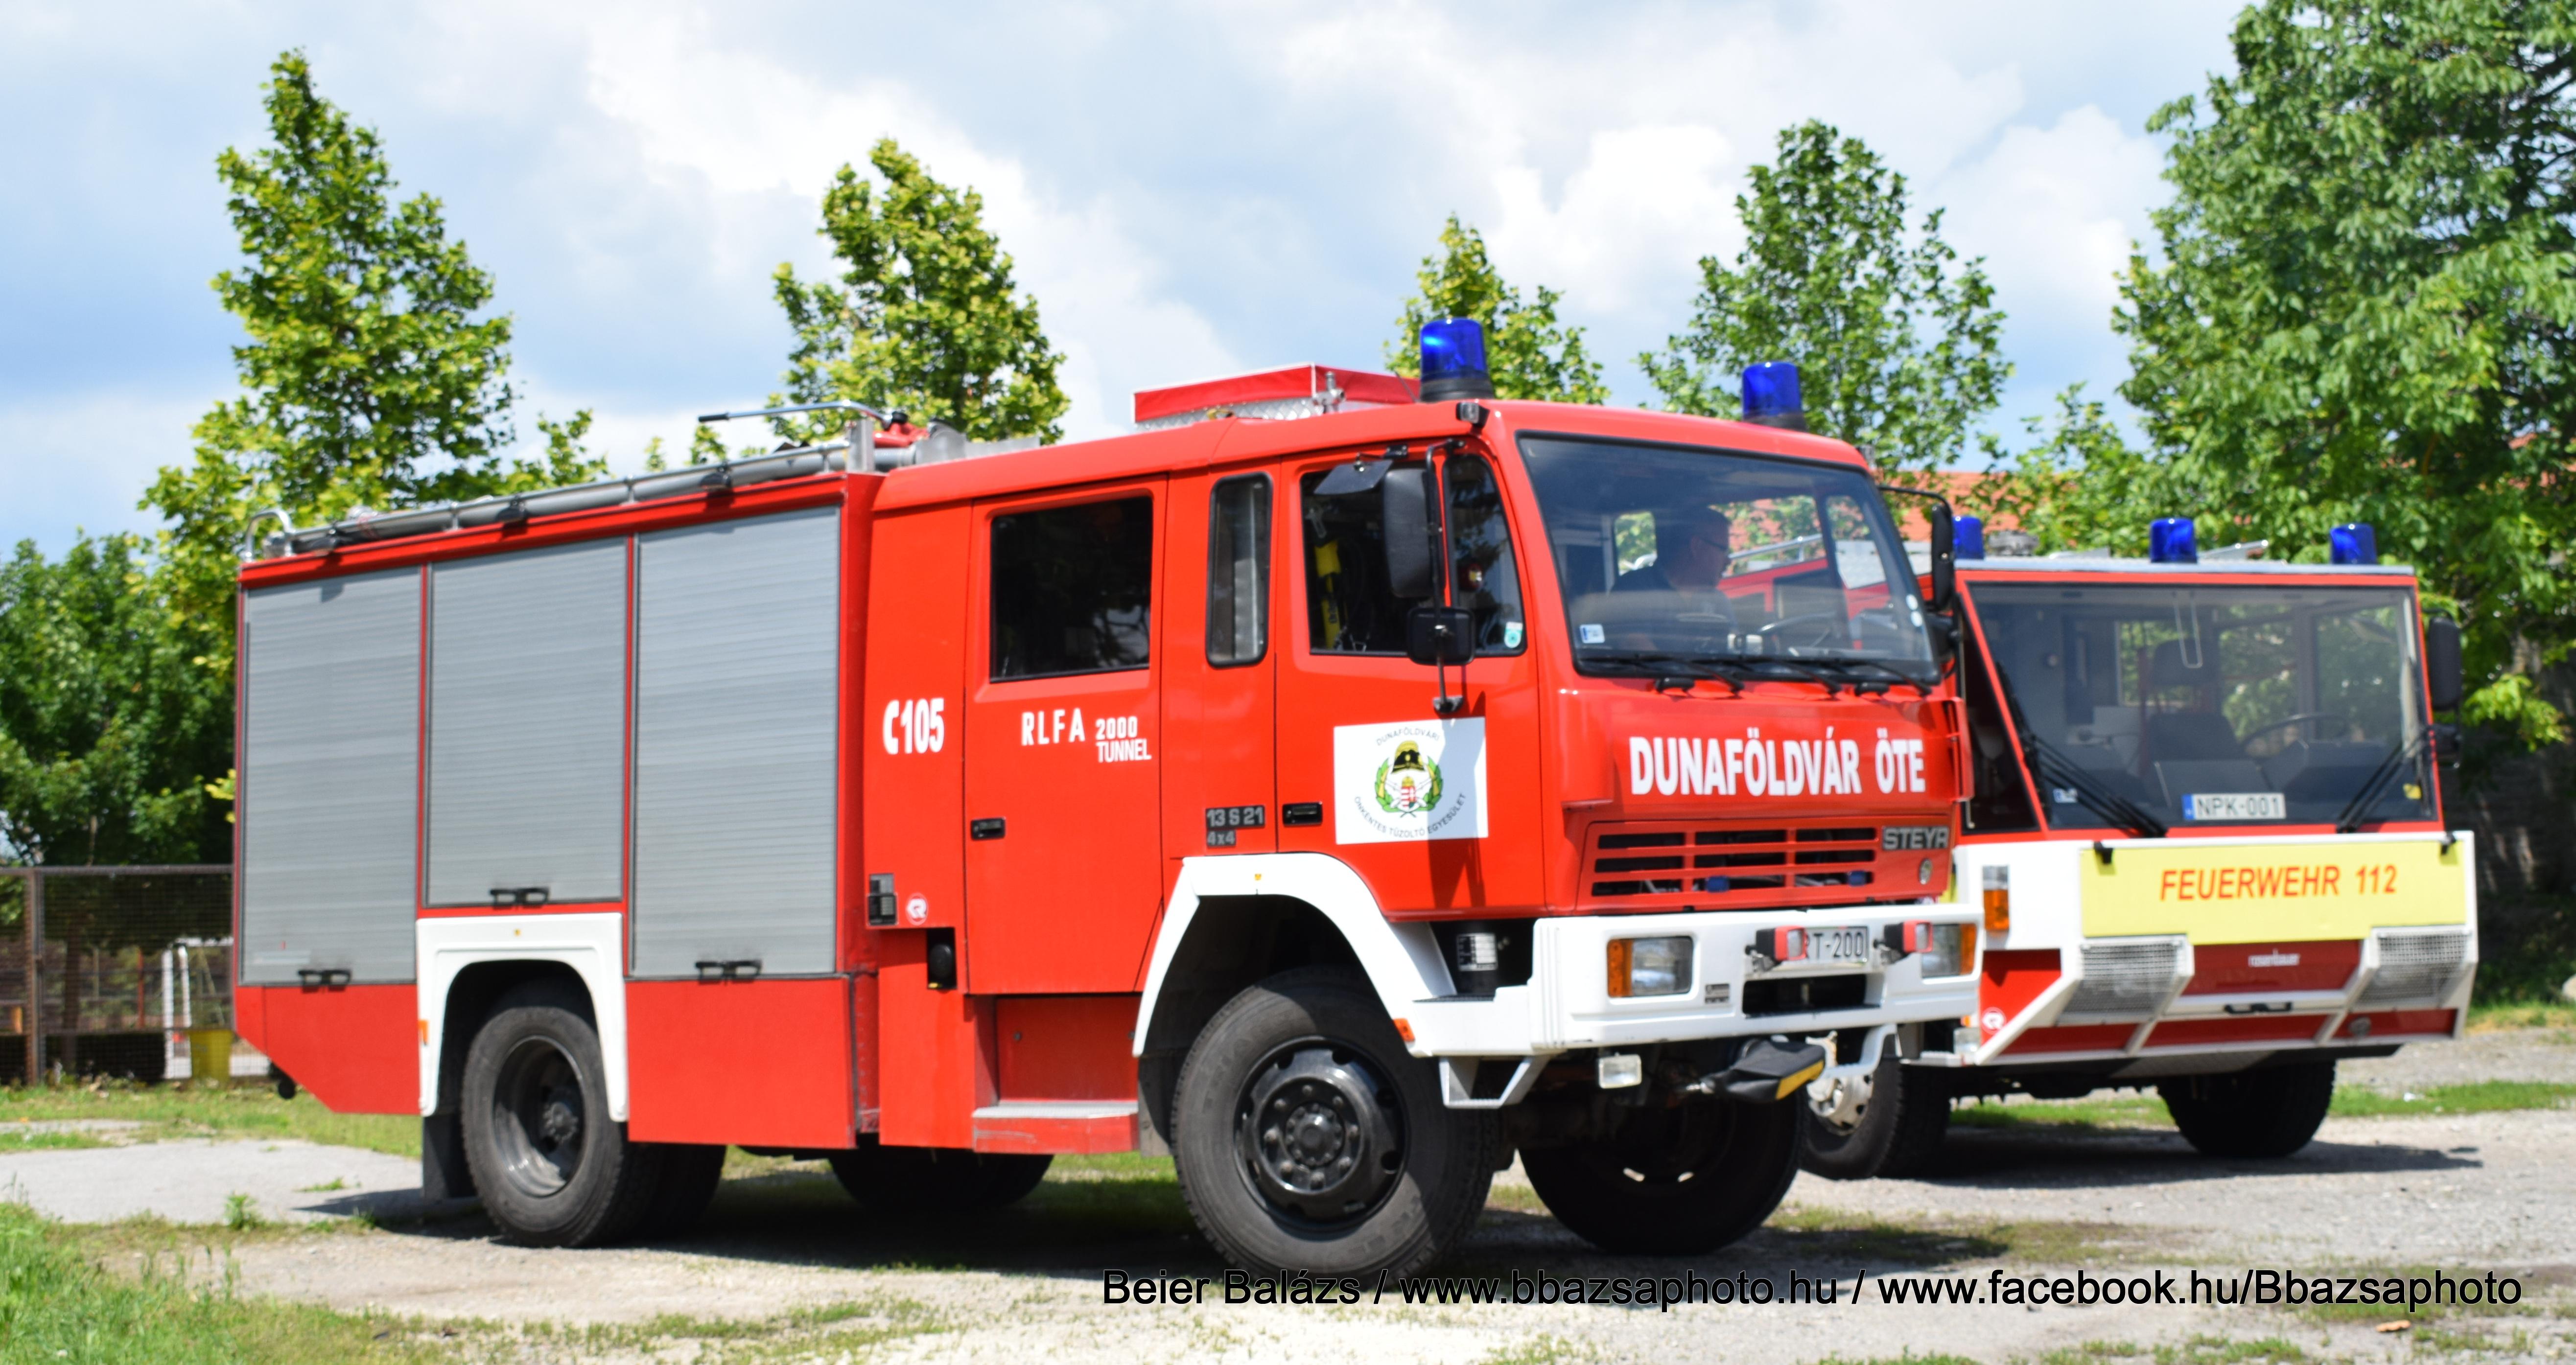 Steyr 13s23 – Dunaföldvári Önkéntes Tűzoltó Egyesület